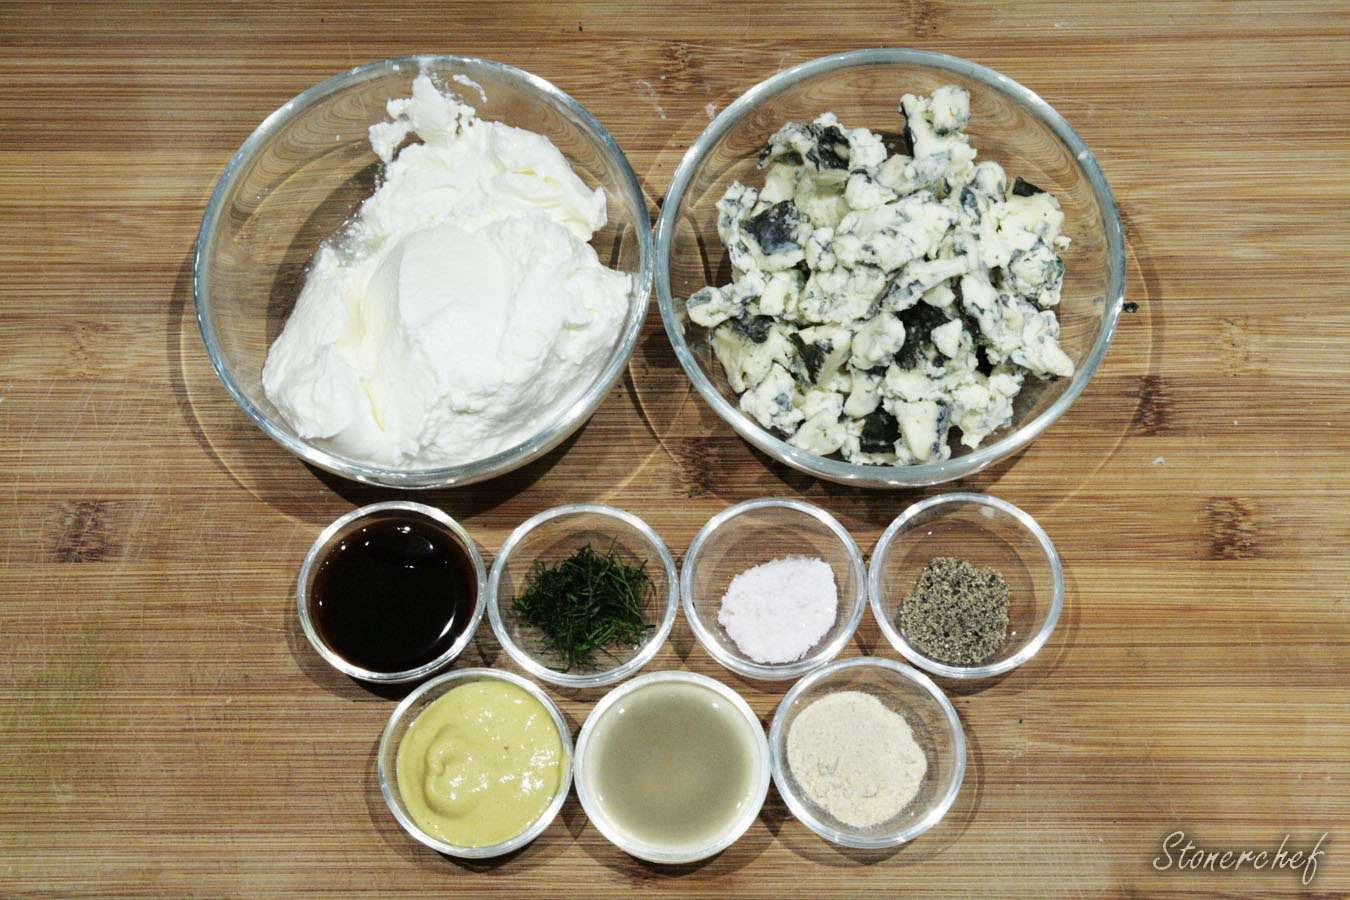 składniki na jogurtowy sos do pizzy z serem pleśniowym